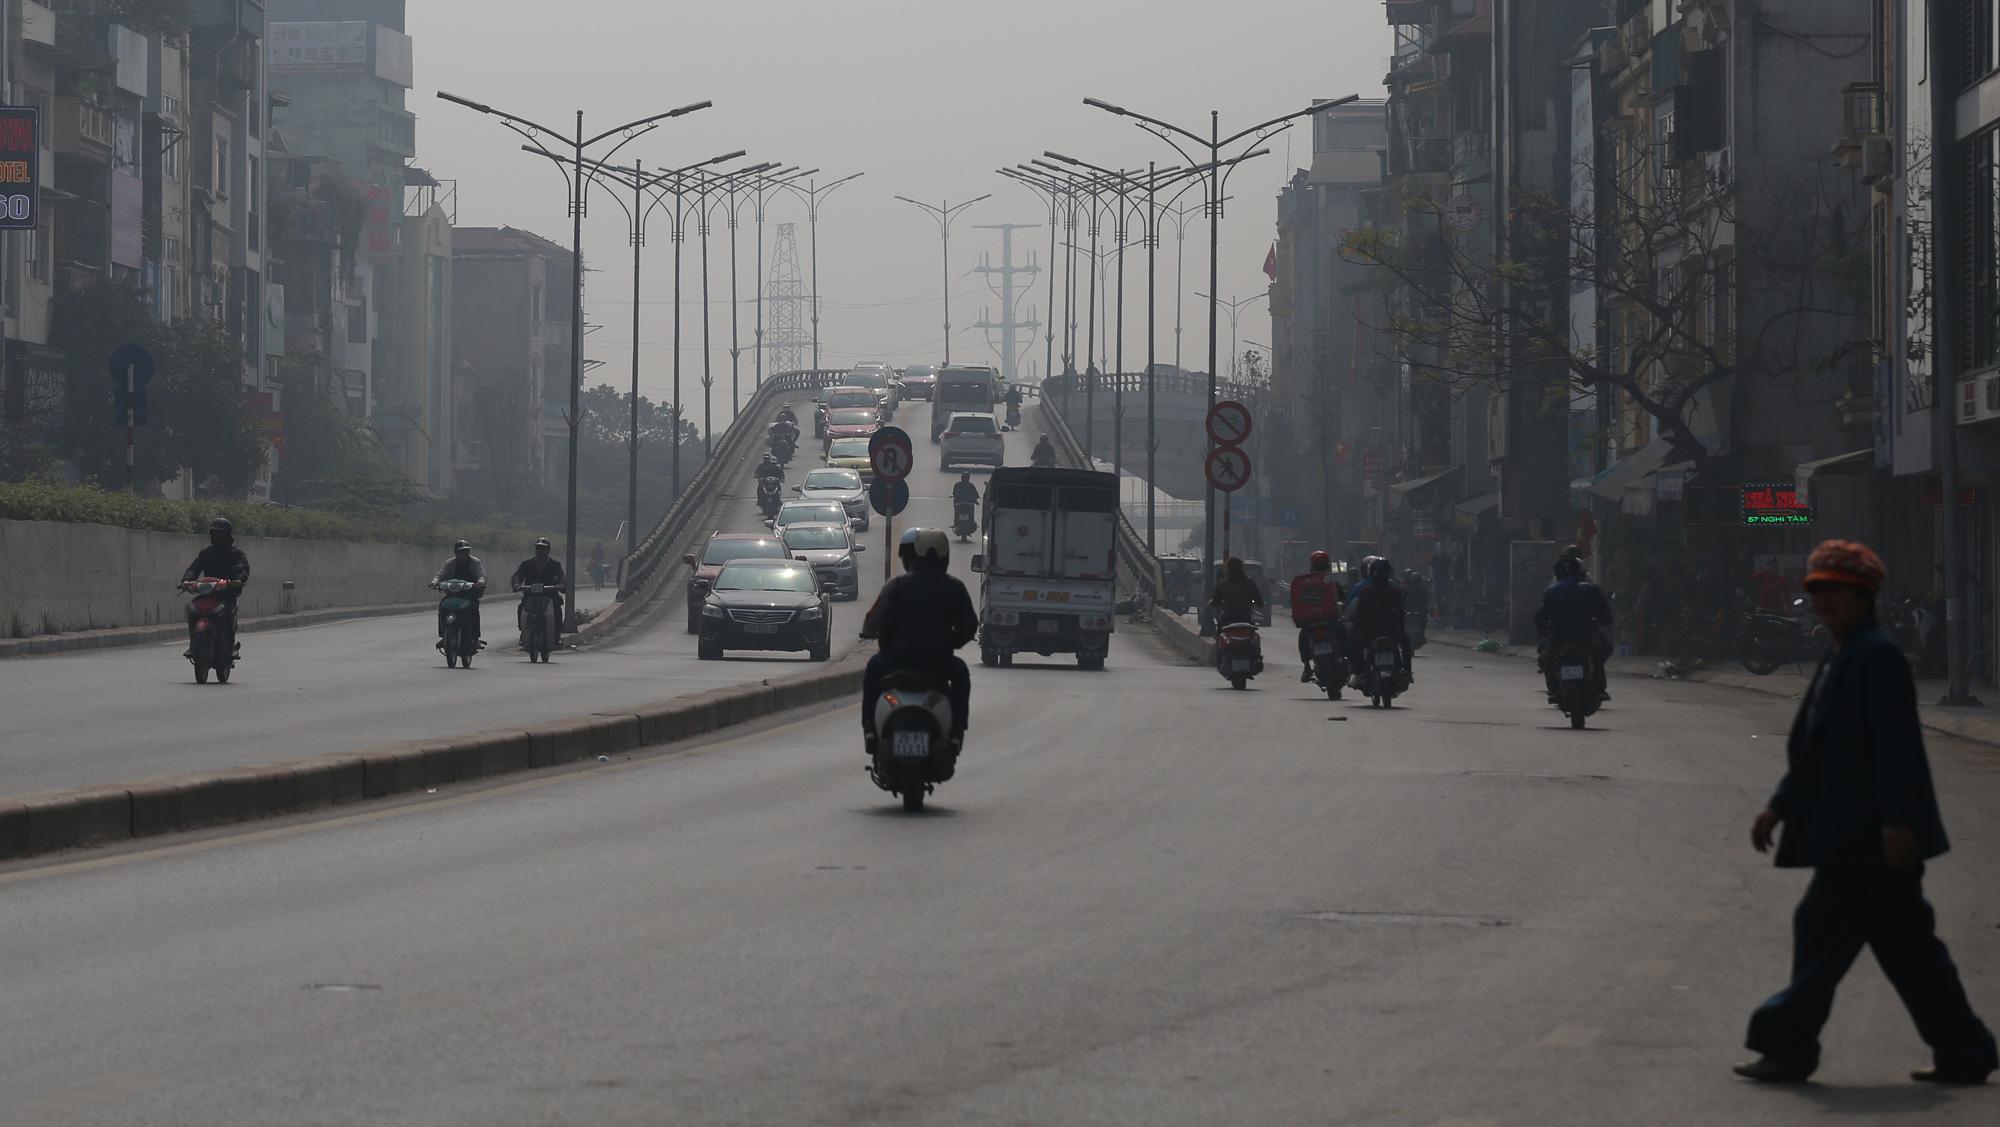 Hà Nội ô nhiễm không khí ở mức cảnh báo tím từ sáng đến chiều - Ảnh 9.